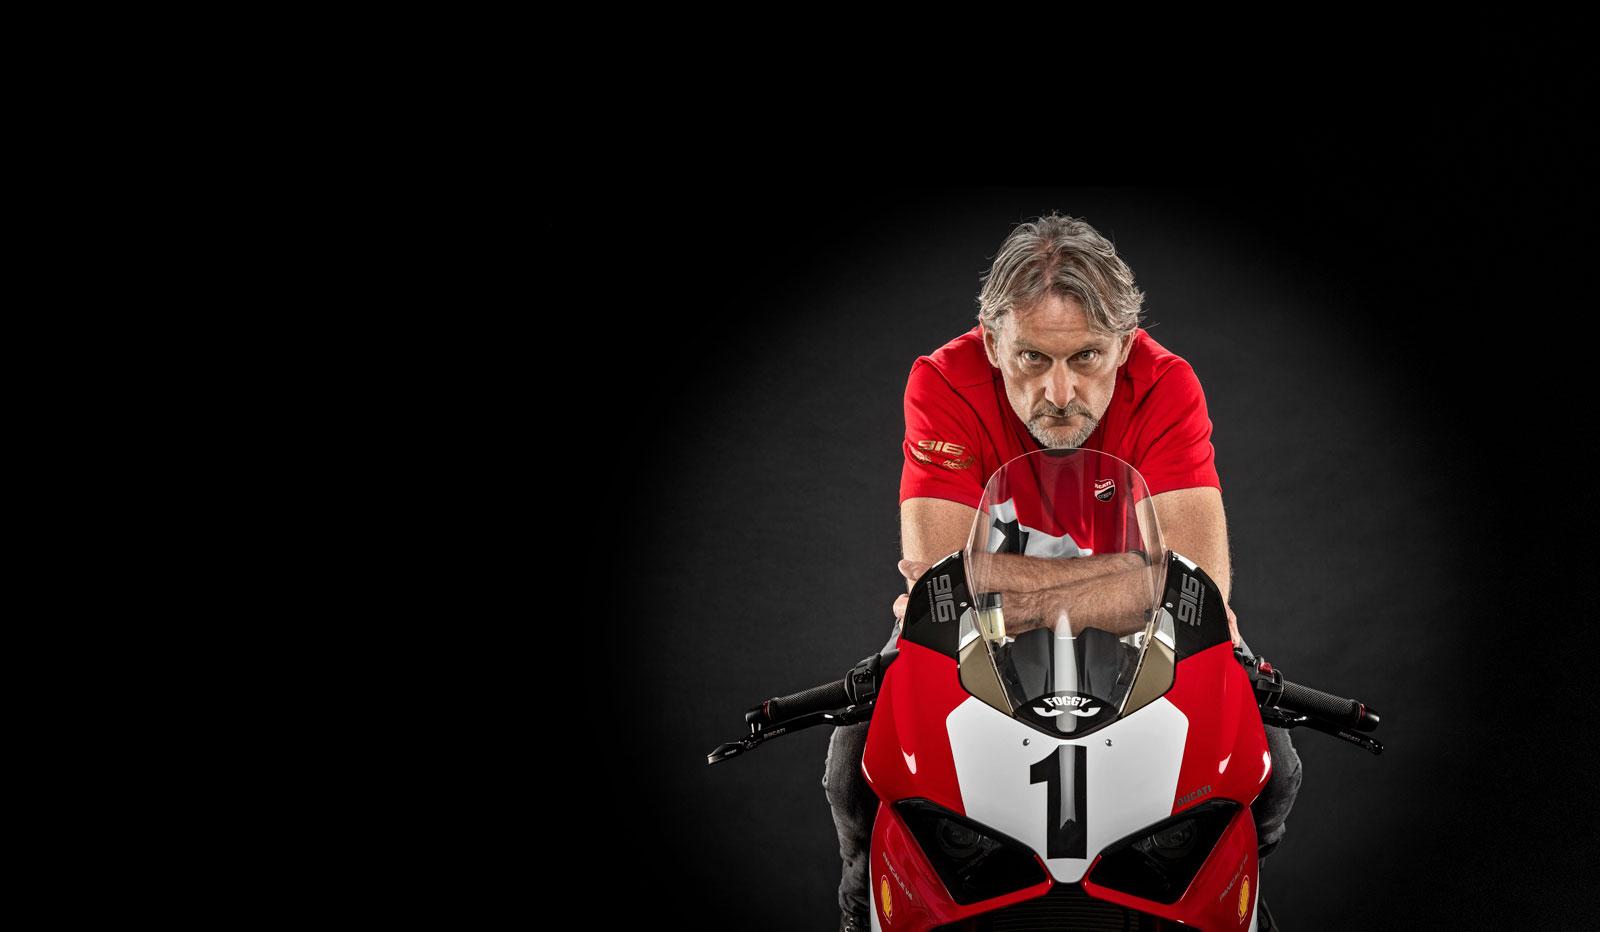 Ducati feiert den 25. Jahrestag der 916 mit einer limitierten Panigale V4